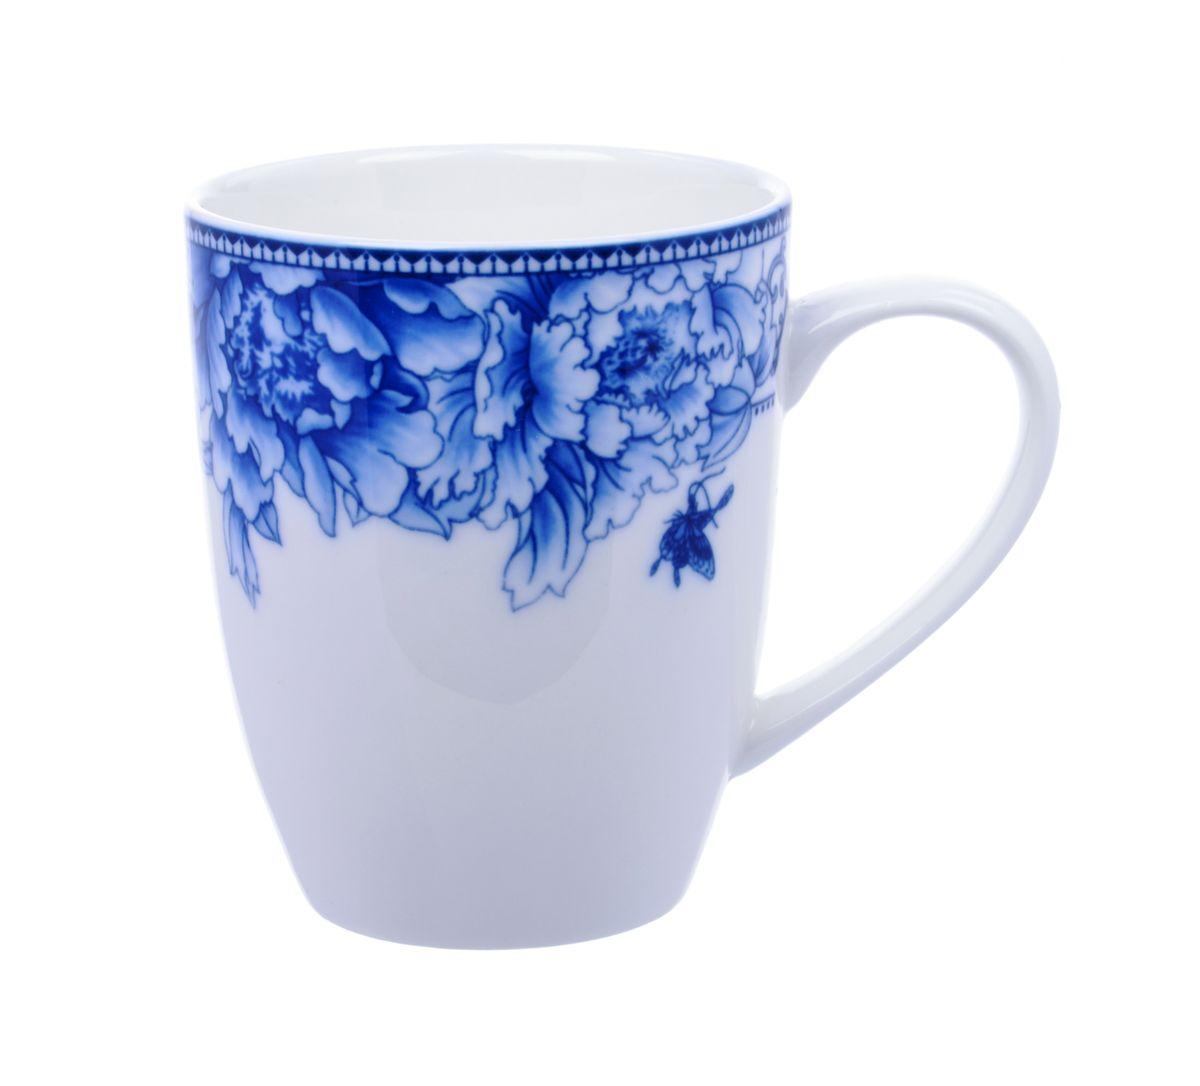 Кружка Nanshan Porcelain Наньшань, 300 млGNNSNN010Кружка Nanshan Porcelain Наньшань, выполненная из высококачественной керамики, декорирована цветочным узором. Изделие оснащено удобной ручкой. Кружка сочетает в себе оригинальный дизайн и функциональность. Благодаря такой кружке пить напитки будет еще вкуснее. Кружка Nanshan Porcelain Наньшань согреет вас долгими холодными вечерами. Можно использовать в посудомоечной машине и микроволновой печи. Объем: 300 мл. Диаметр (по верхнему краю): 8 см. Высота кружки: 10 см.